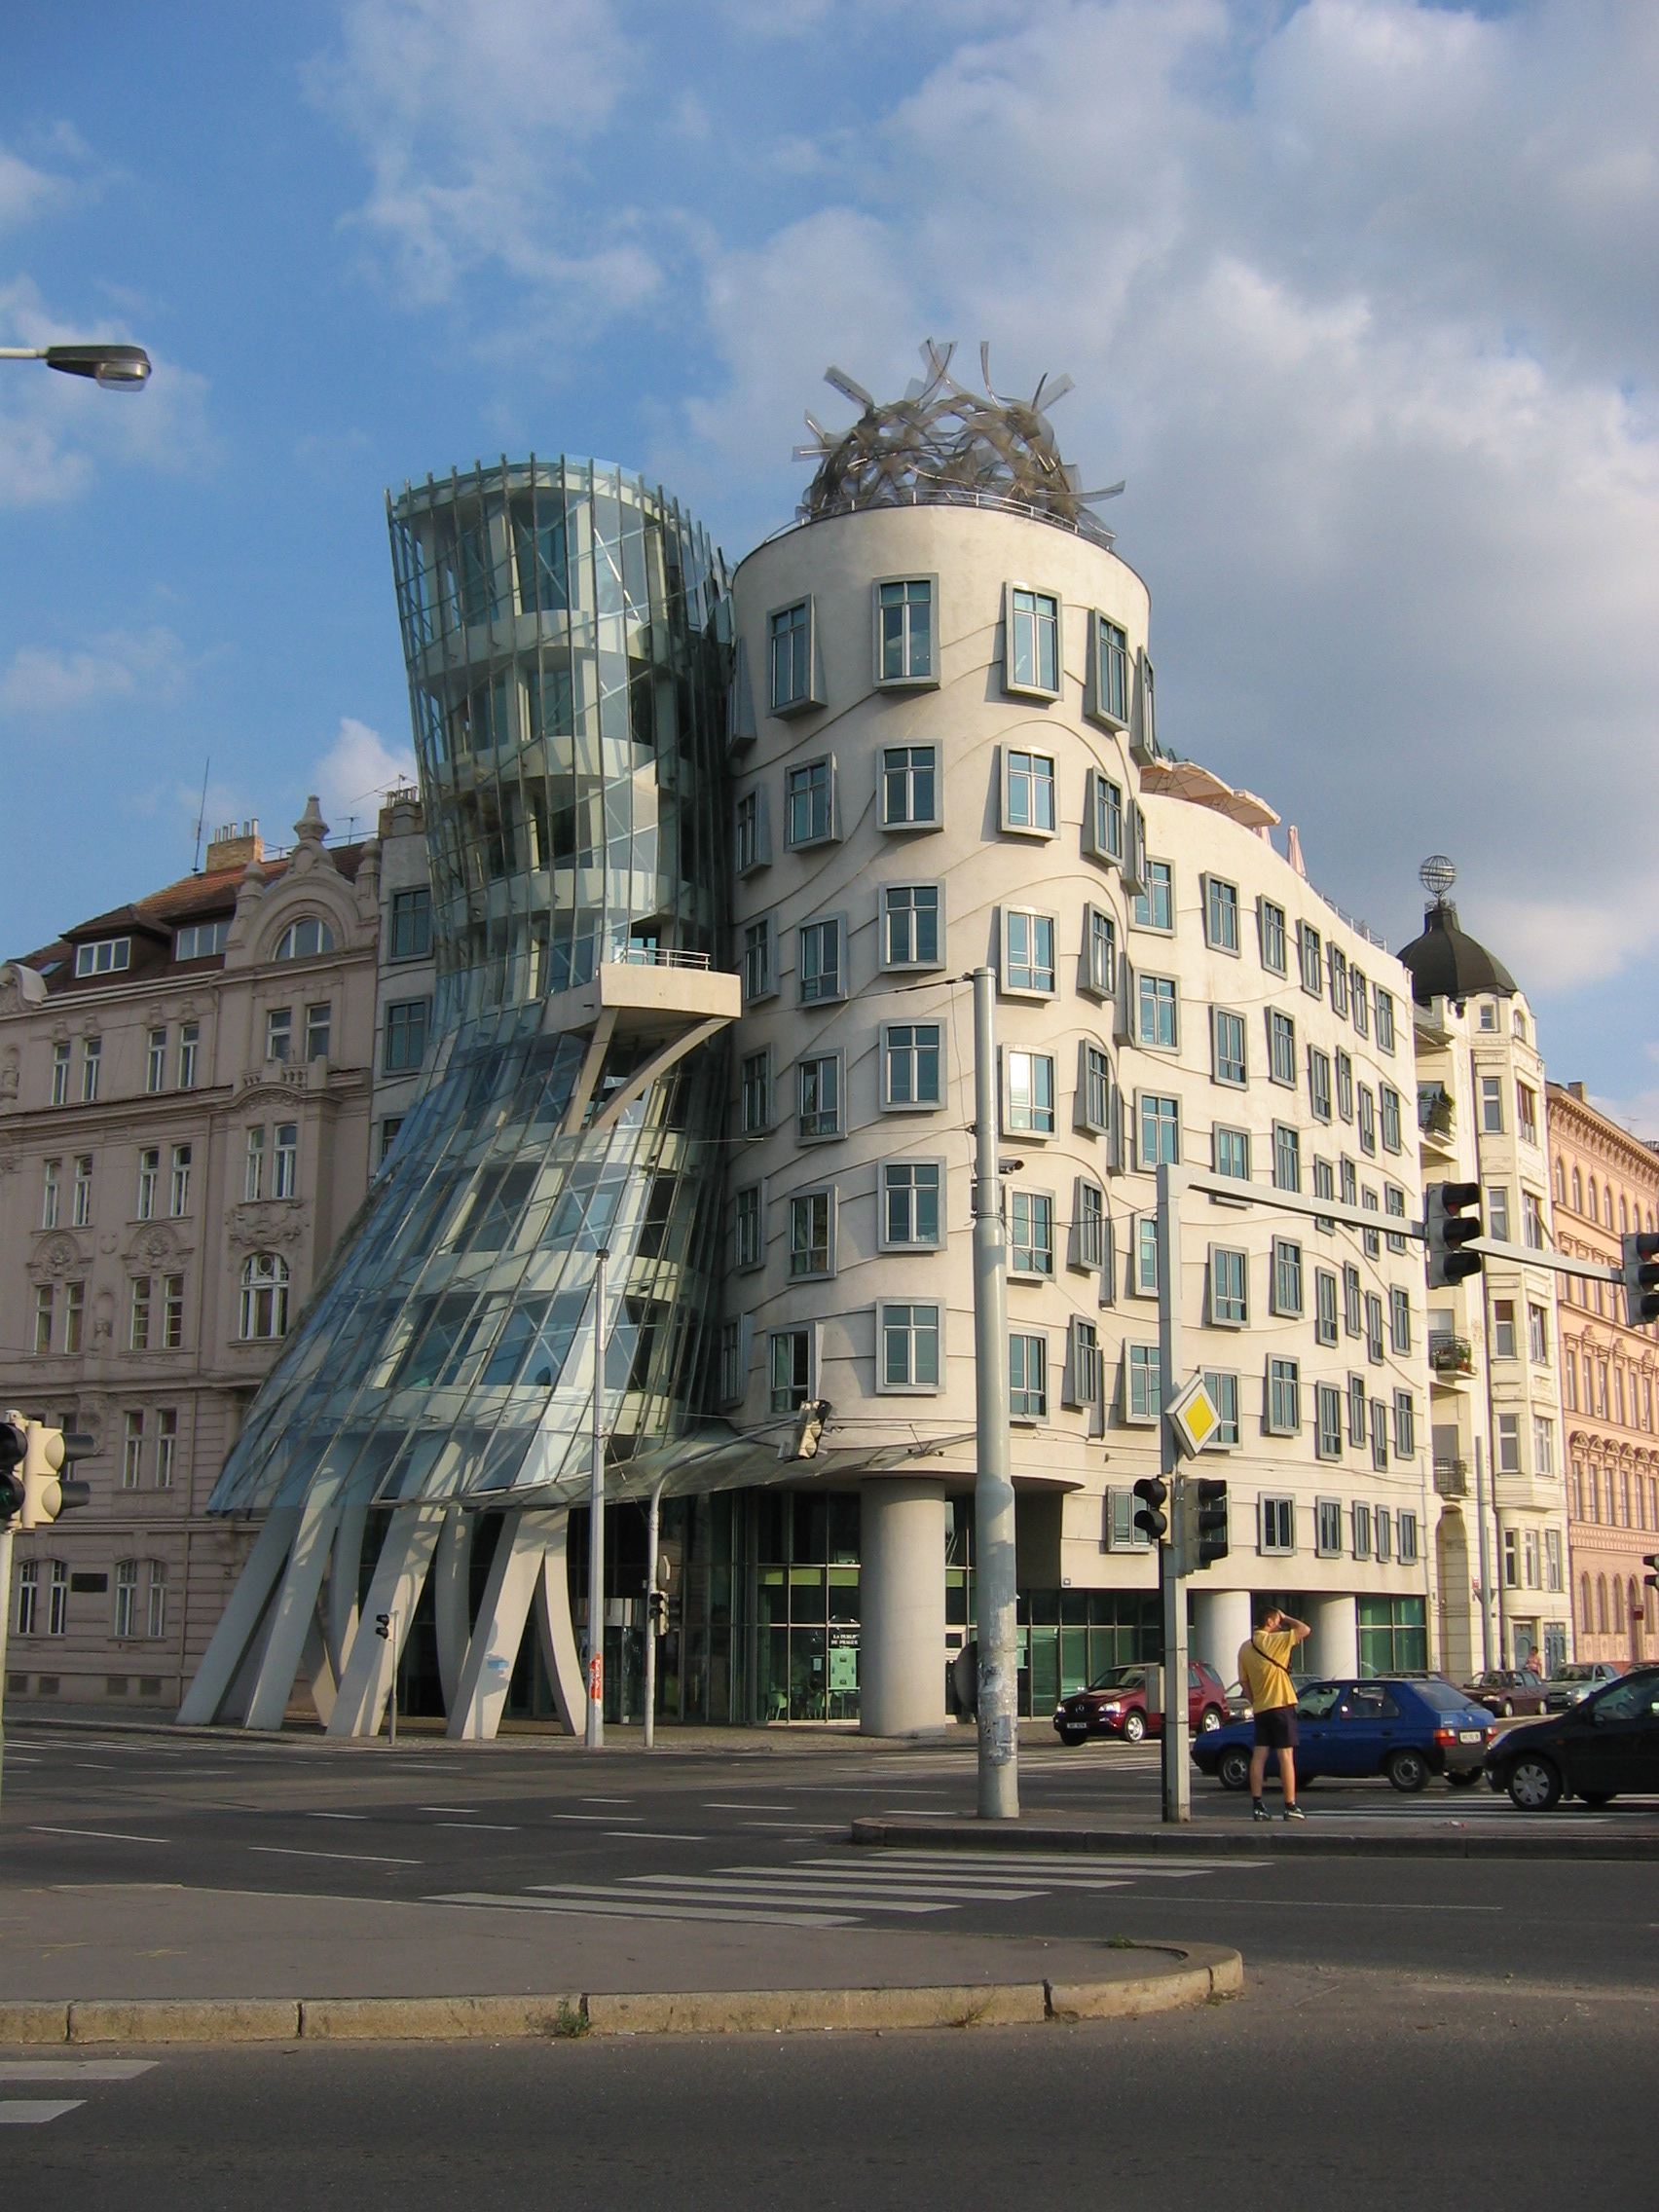 file:la casa danzante de praga 2 - wikimedia commons